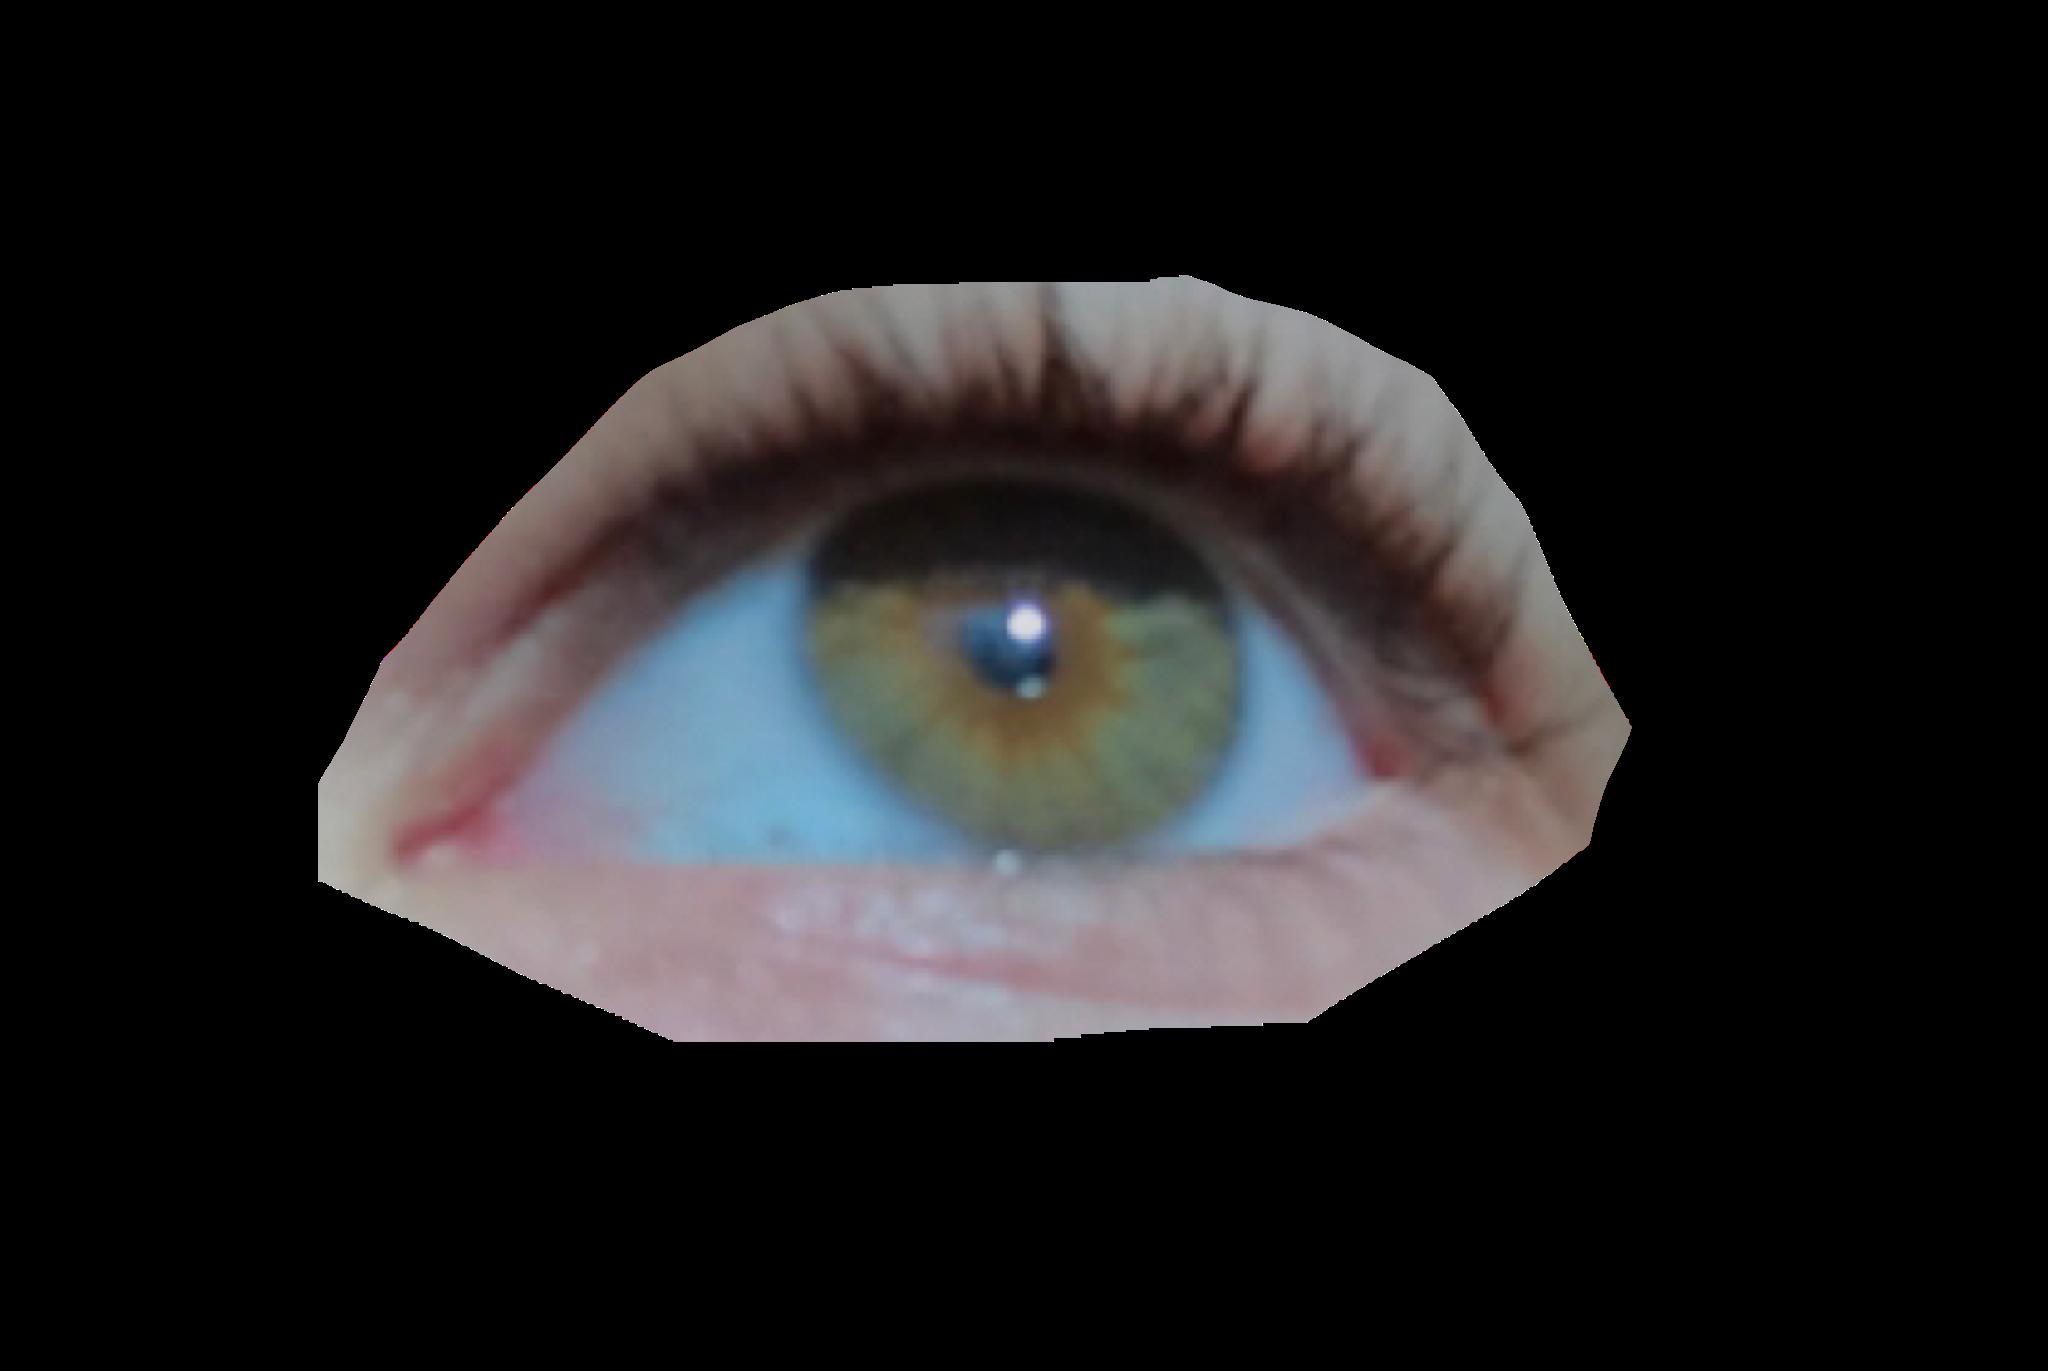 Rebloggy Com Post Photography Girl Black And White Beautiful Eye Cry 29789387893 Crying Eyes Aesthetic Eyes Eyes Artwork